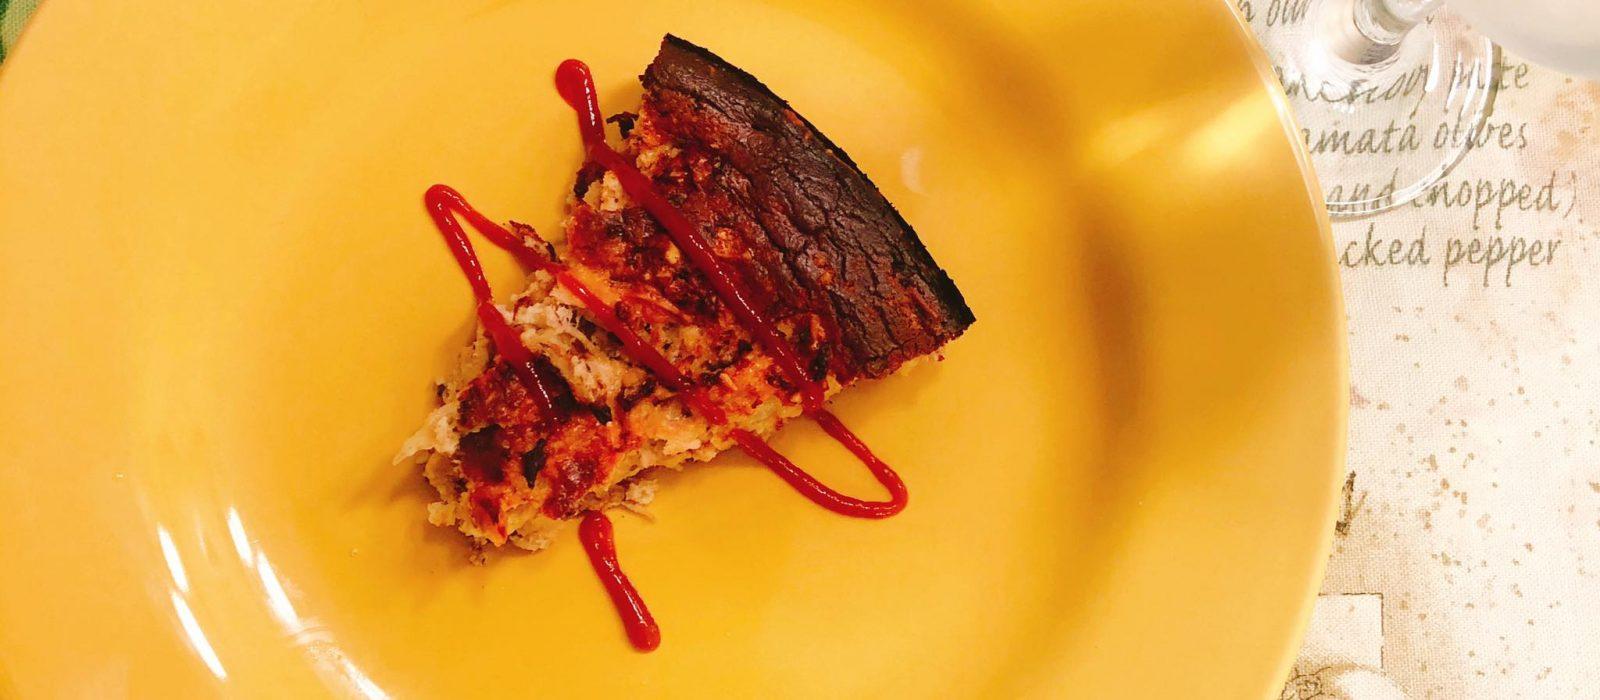 Torta de atum  com requeijão da Rê